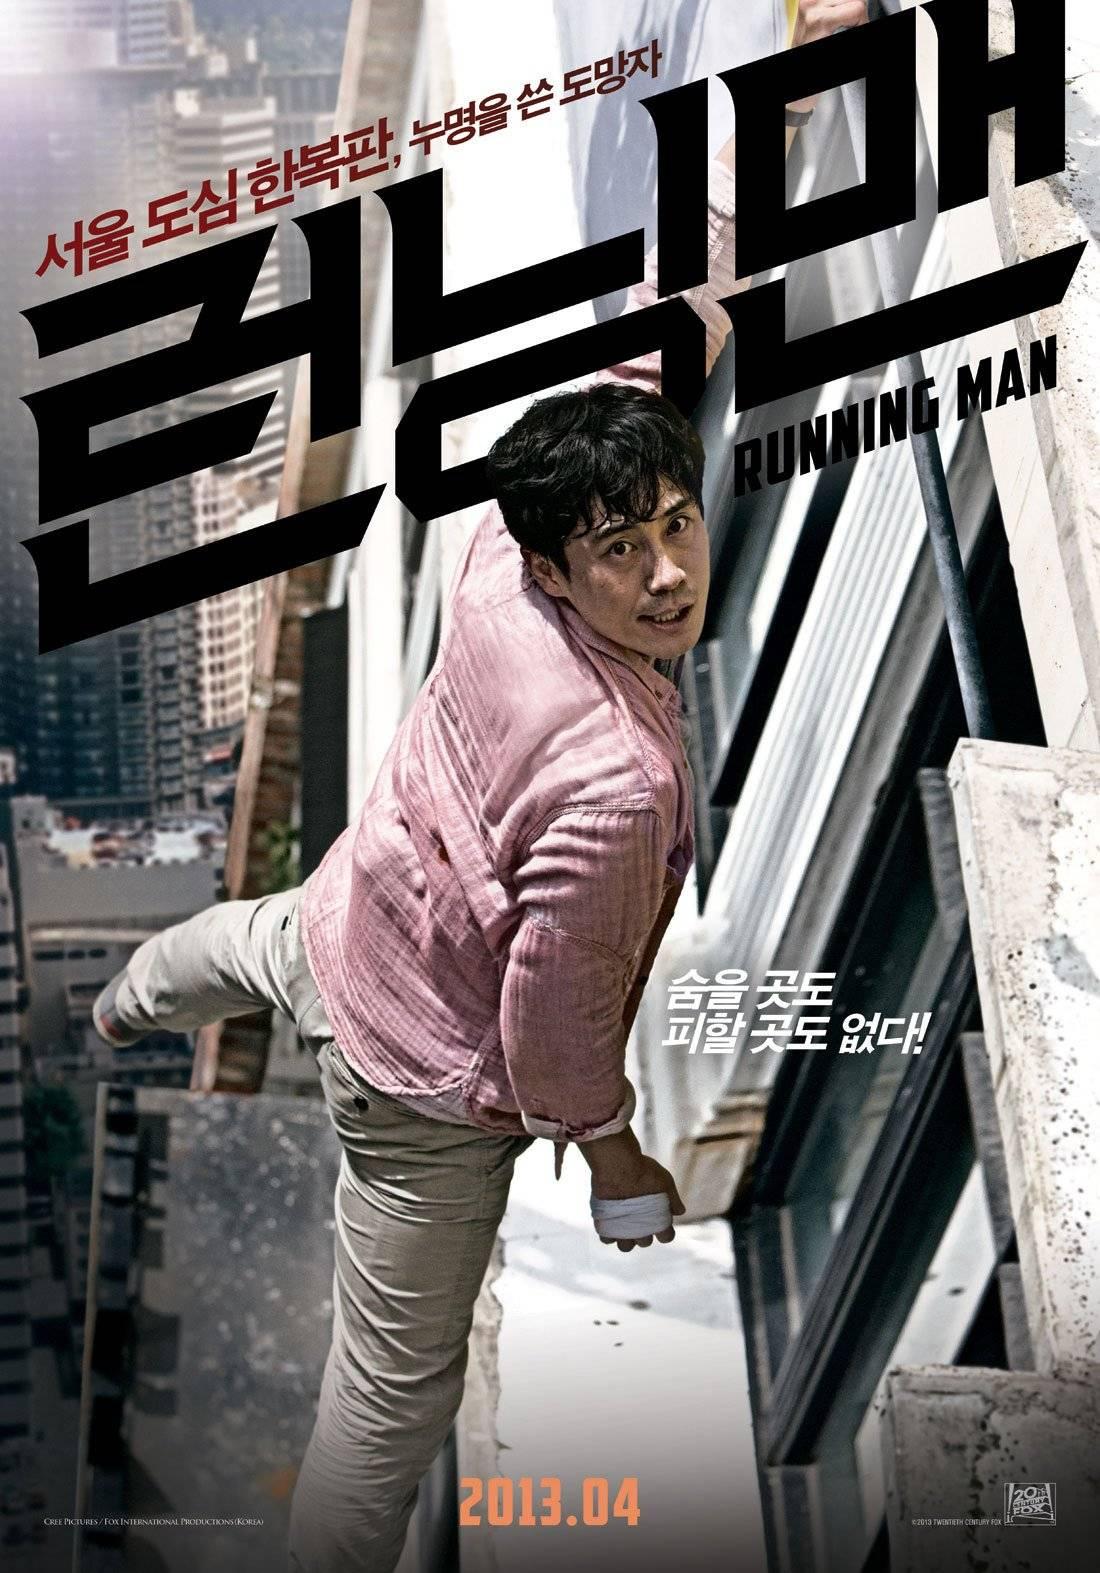 Running Man (Korean Movie - 2013) - 런닝맨 @ HanCinema